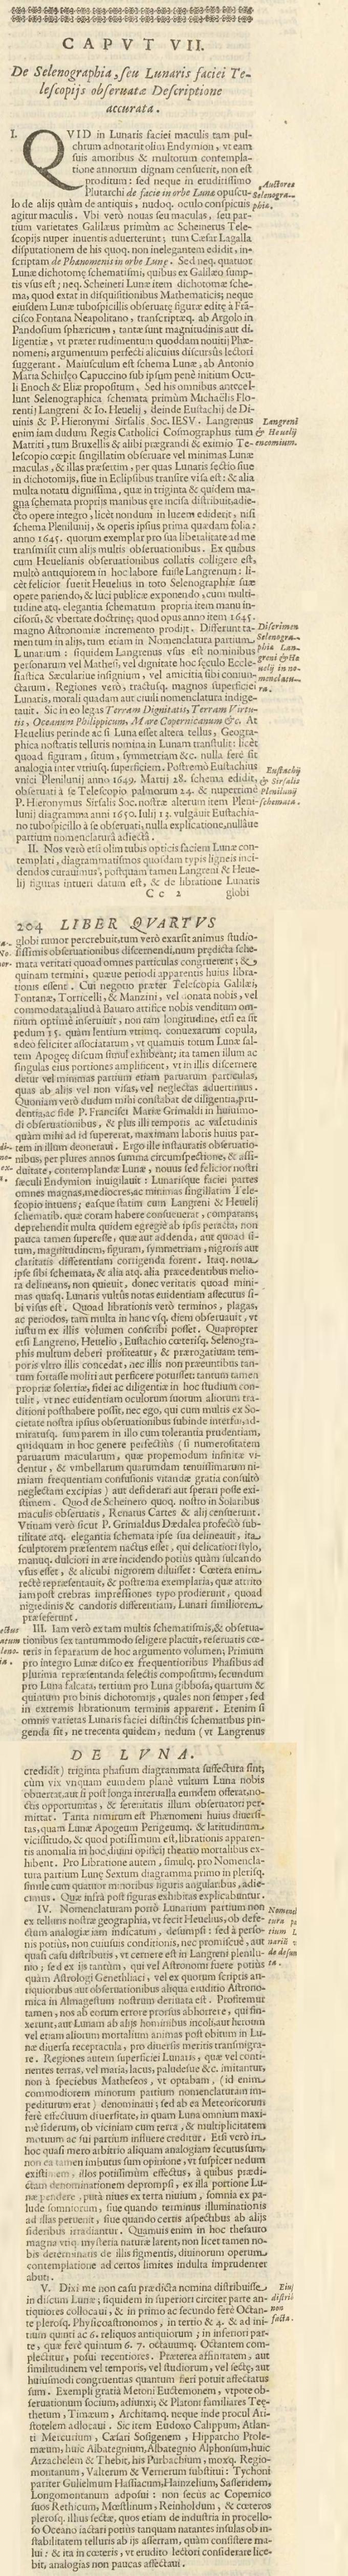 riccioli_book